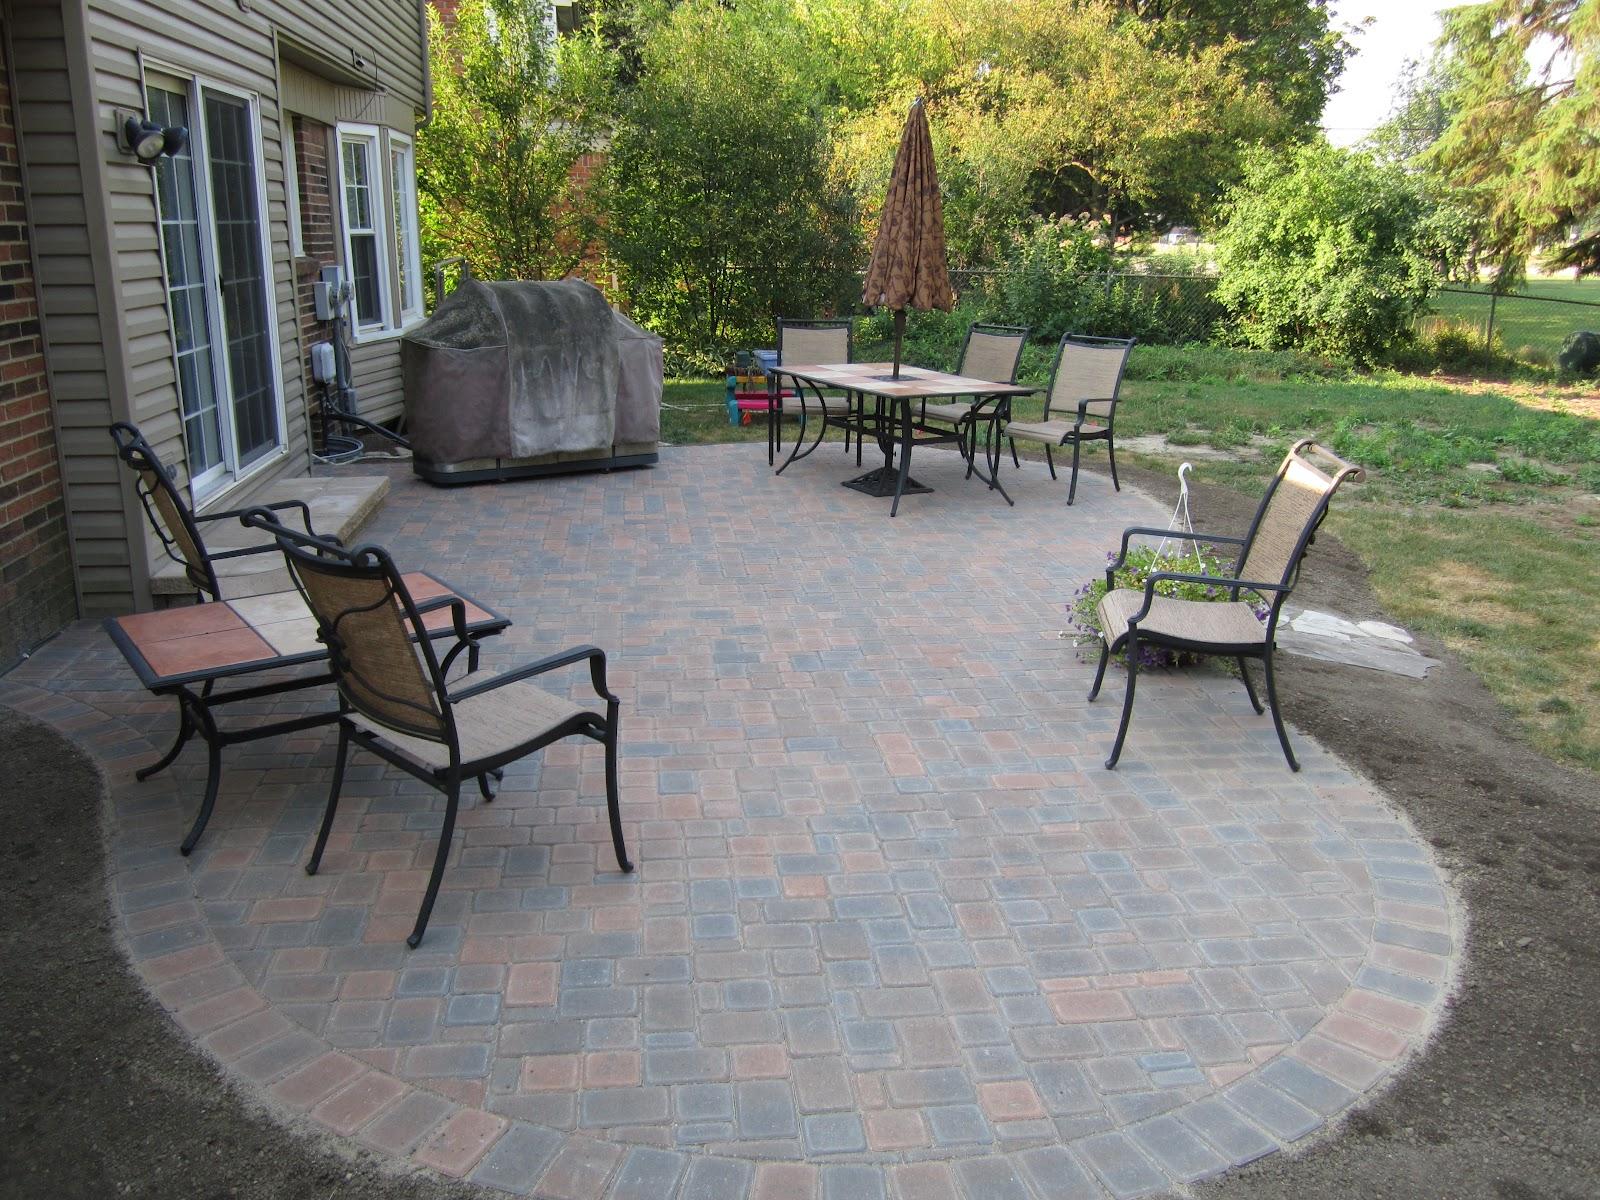 Brick Pavers,Canton,Ann Arbor,Plymouth,Patio,Patios,Repair ... on Brick Paver Patio Designs  id=11255